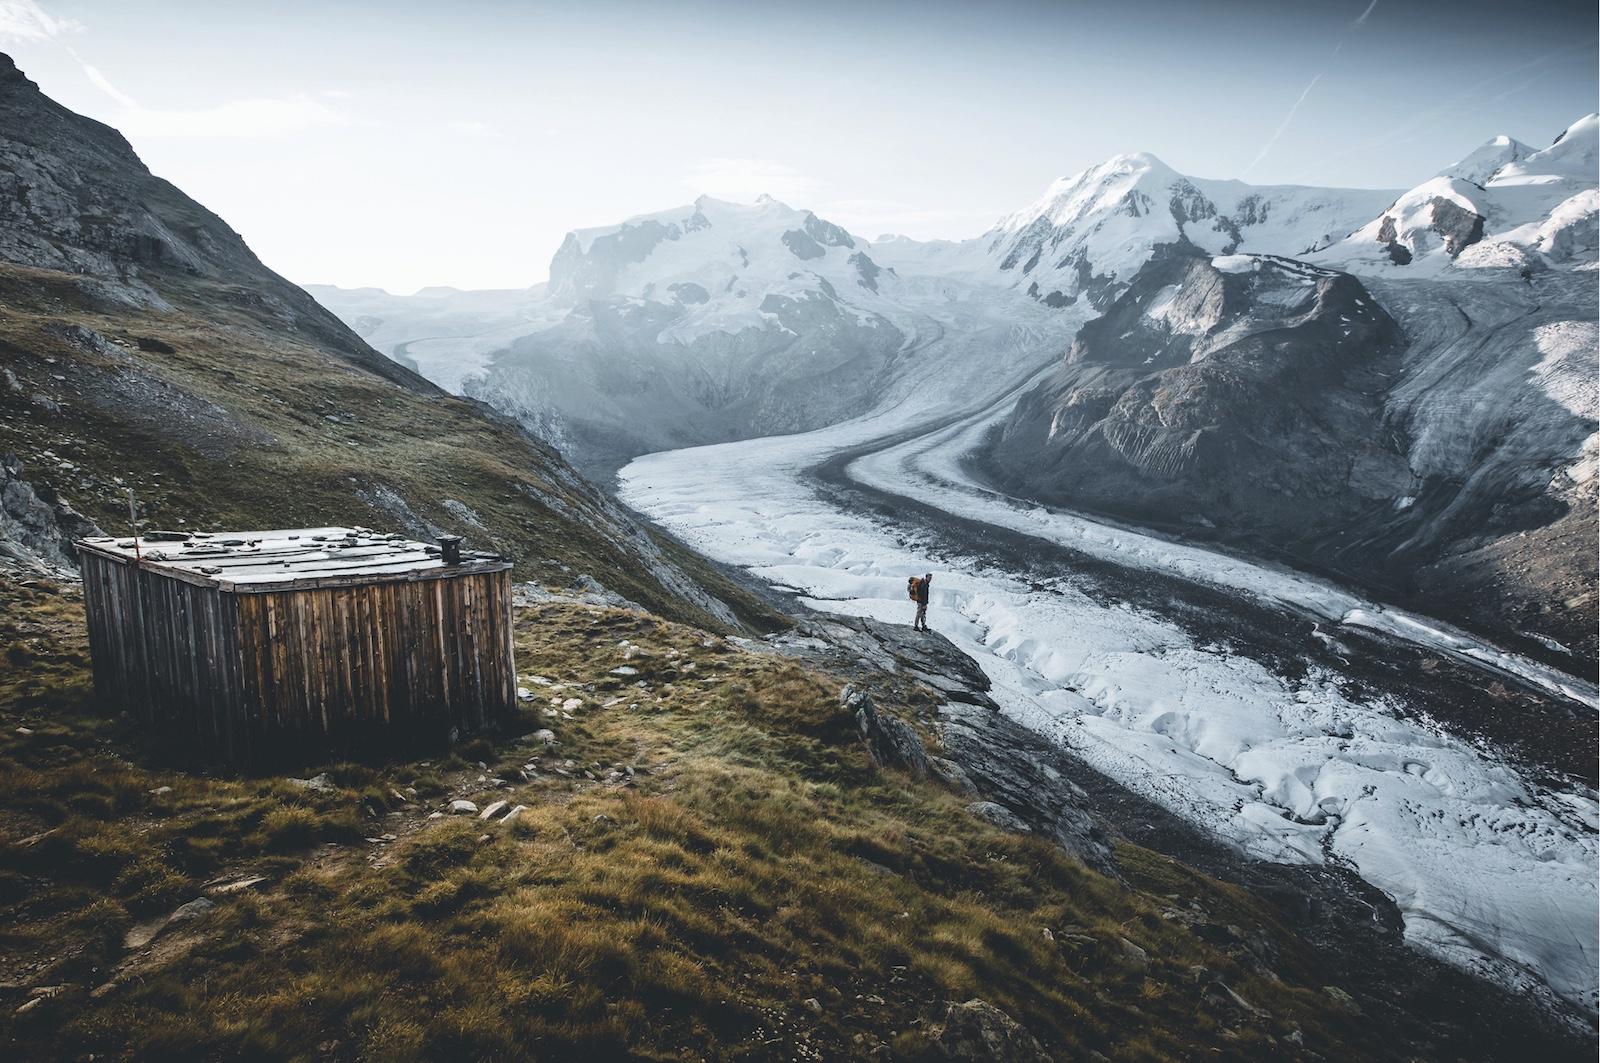 Josh Kempinaire est un photographe et graphiste et habite en Valais, en Suisse. Il a commencé sa carrière en étudiant la géographie à l'université mais s'est vite rendu compte qu'il appartenait à une vie plus créative.  Lire la suite